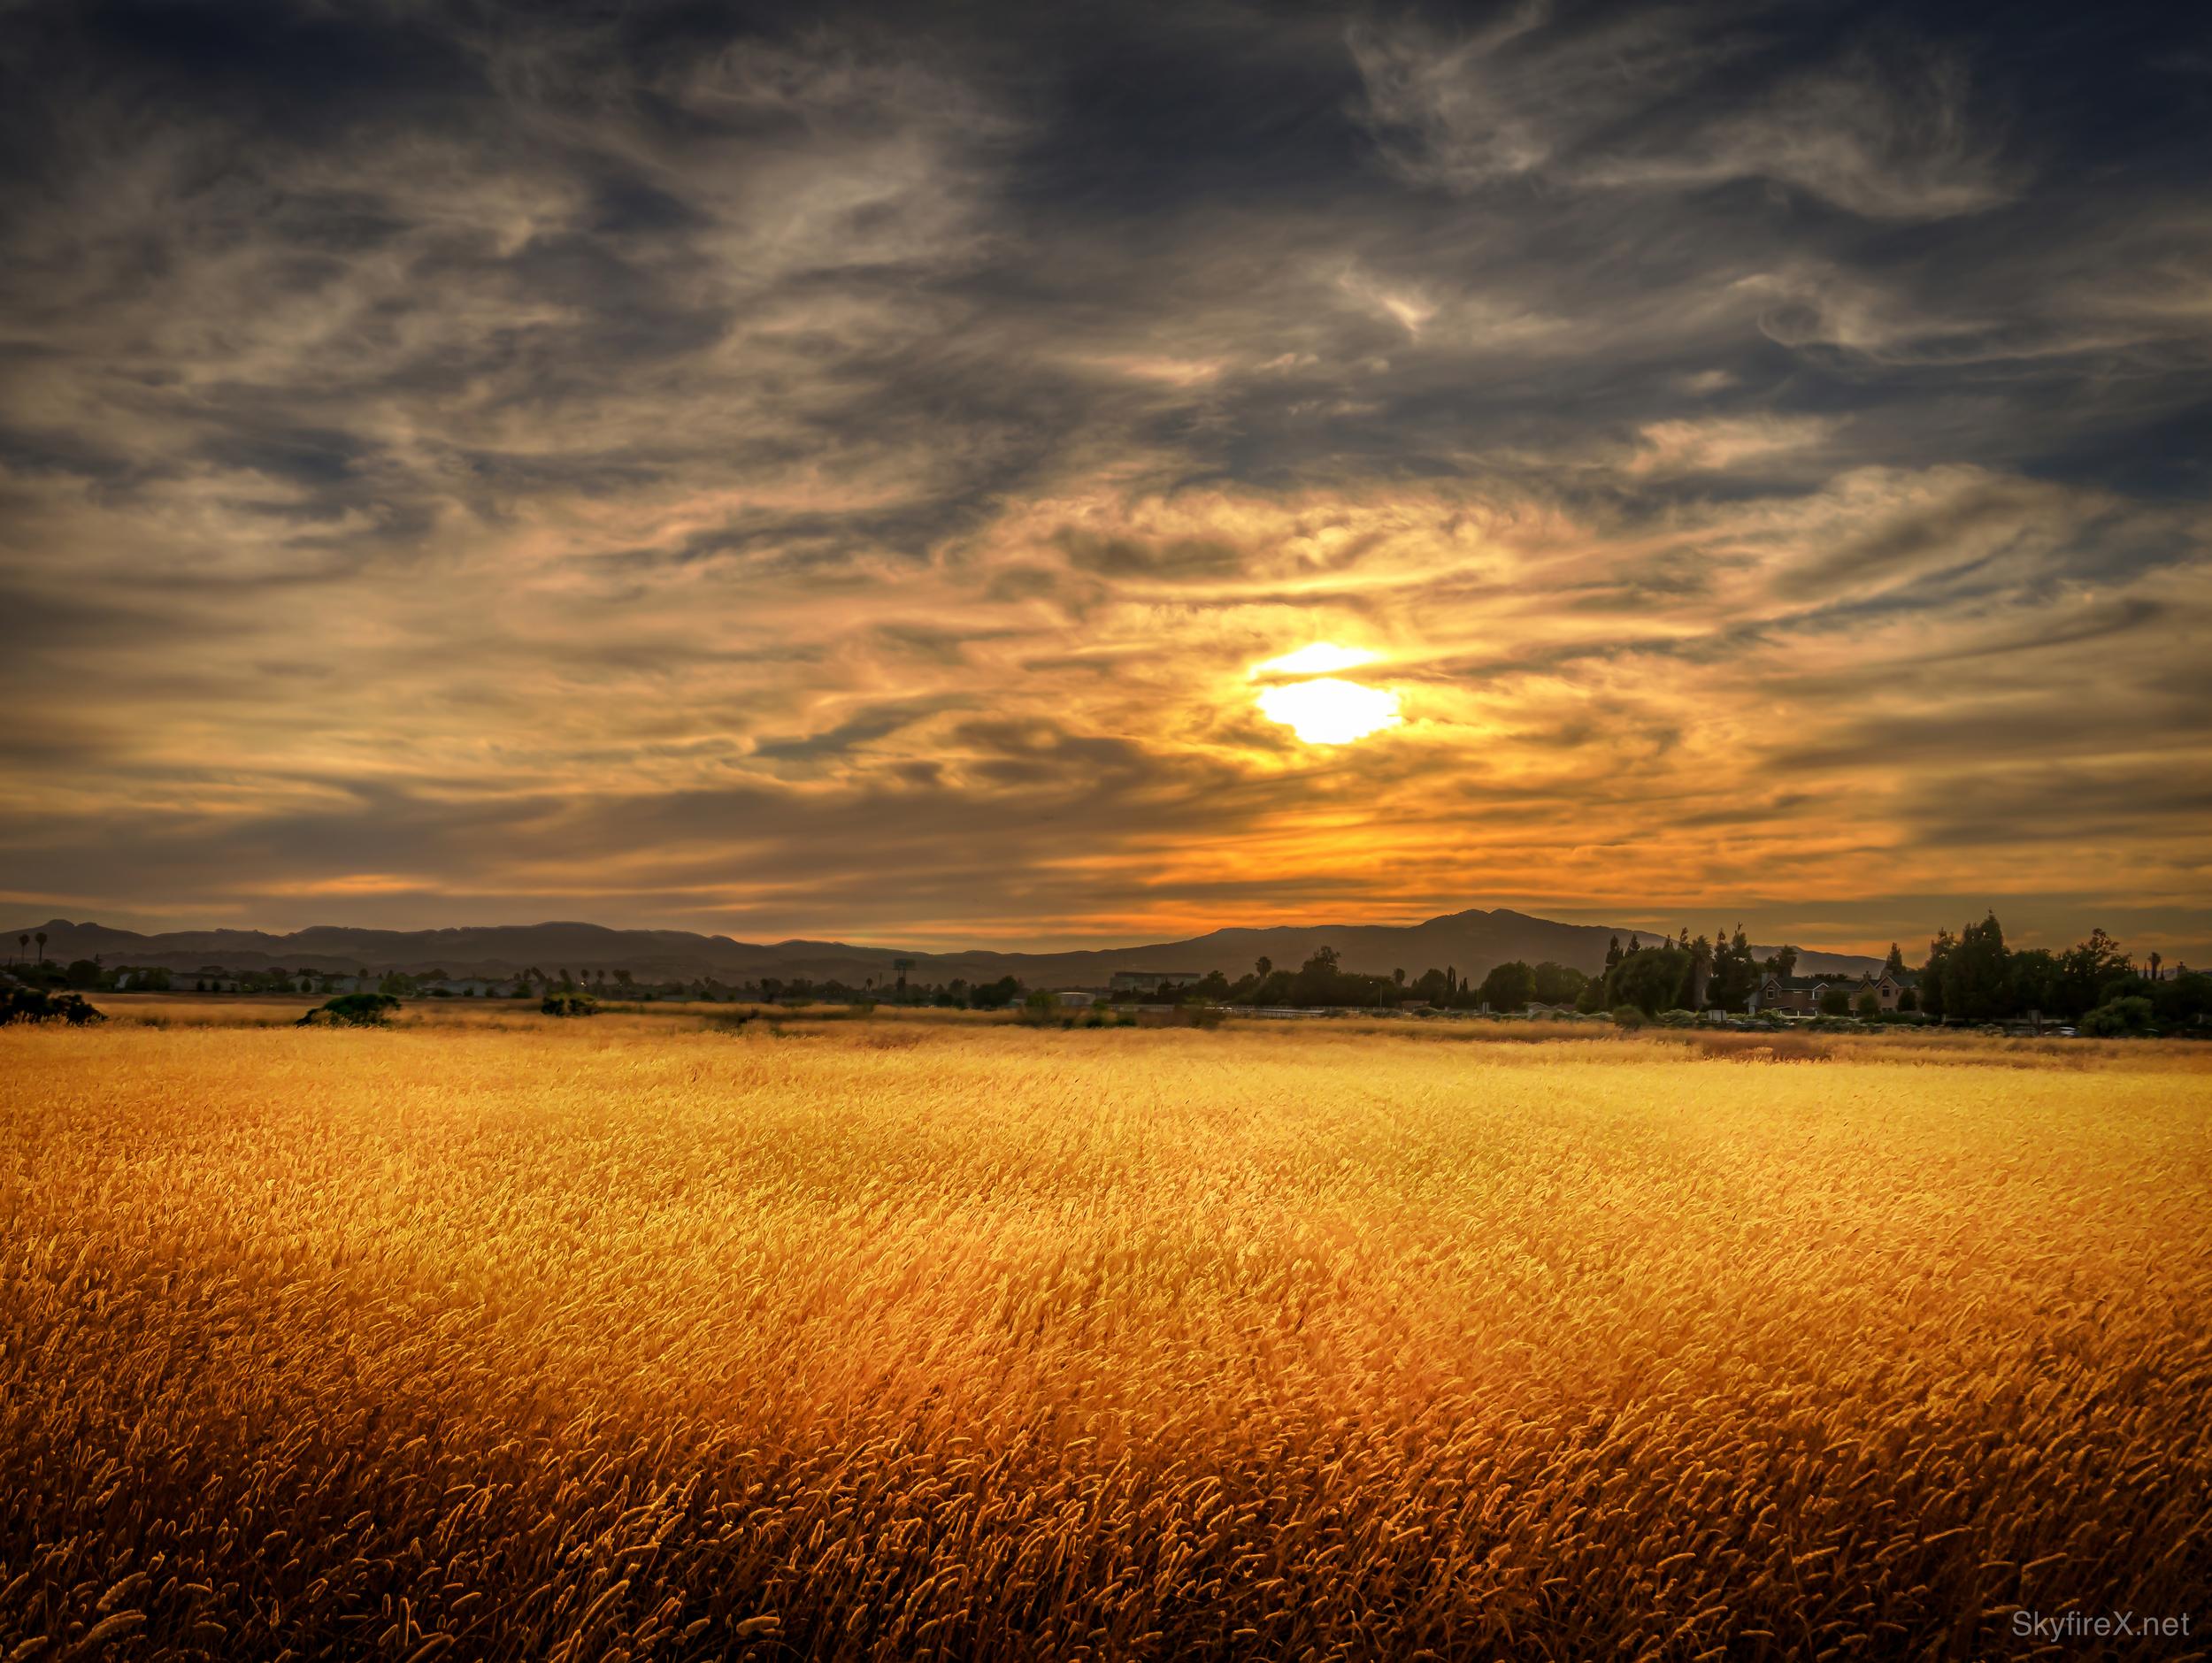 Golden Sunset in the Marsh